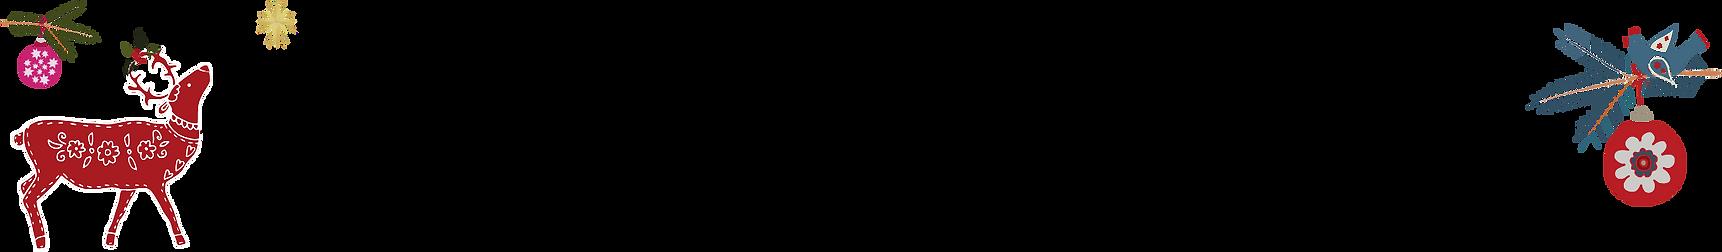 Copy of Copy of Xmas header.png